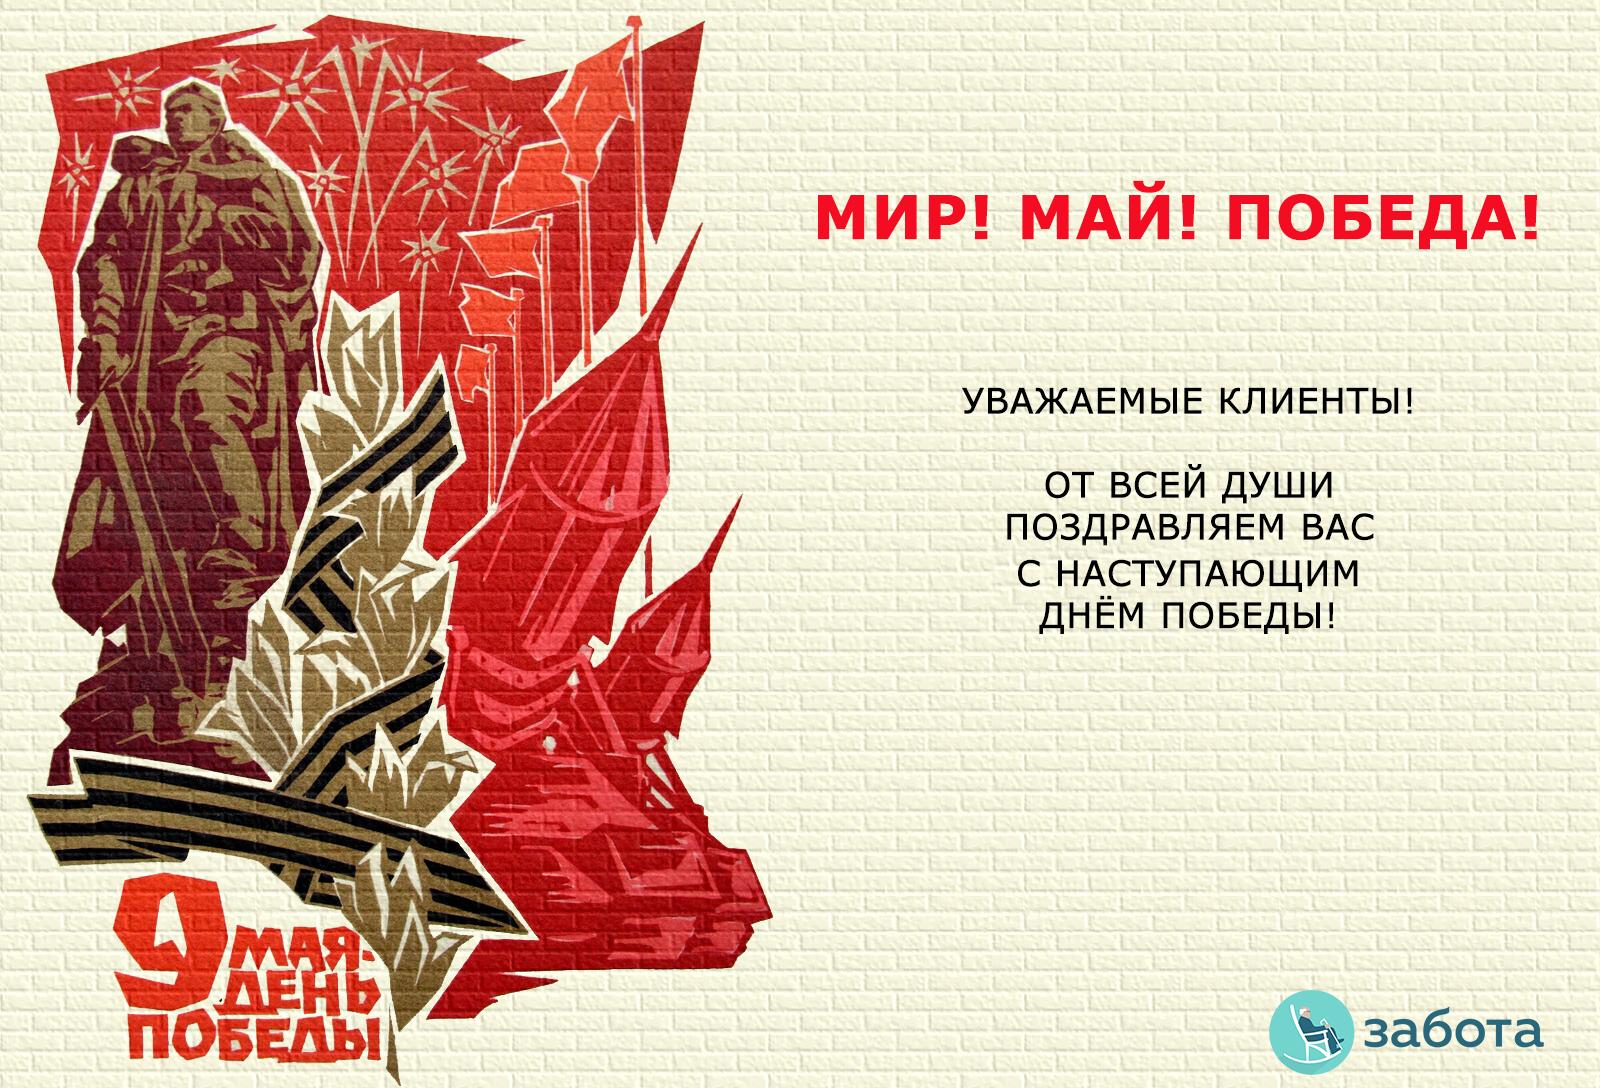 Фоны для открыток к дню победы, поздравление